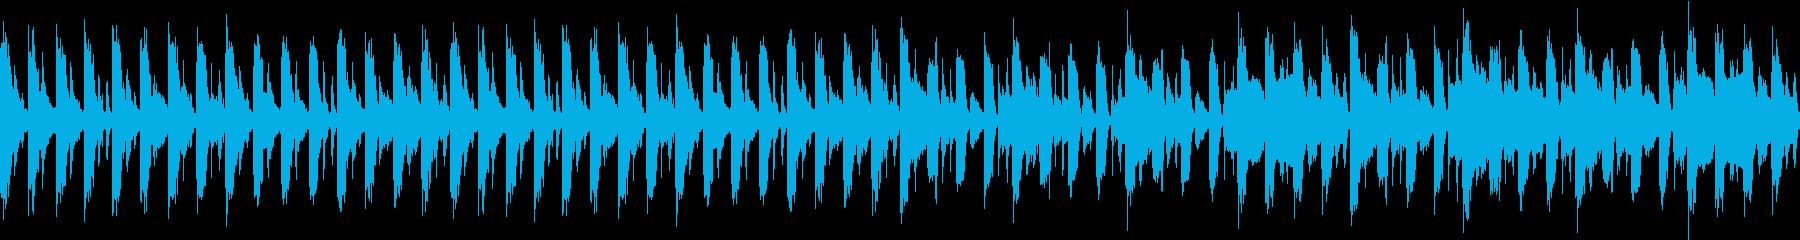 サスペンス系ループBGMの再生済みの波形